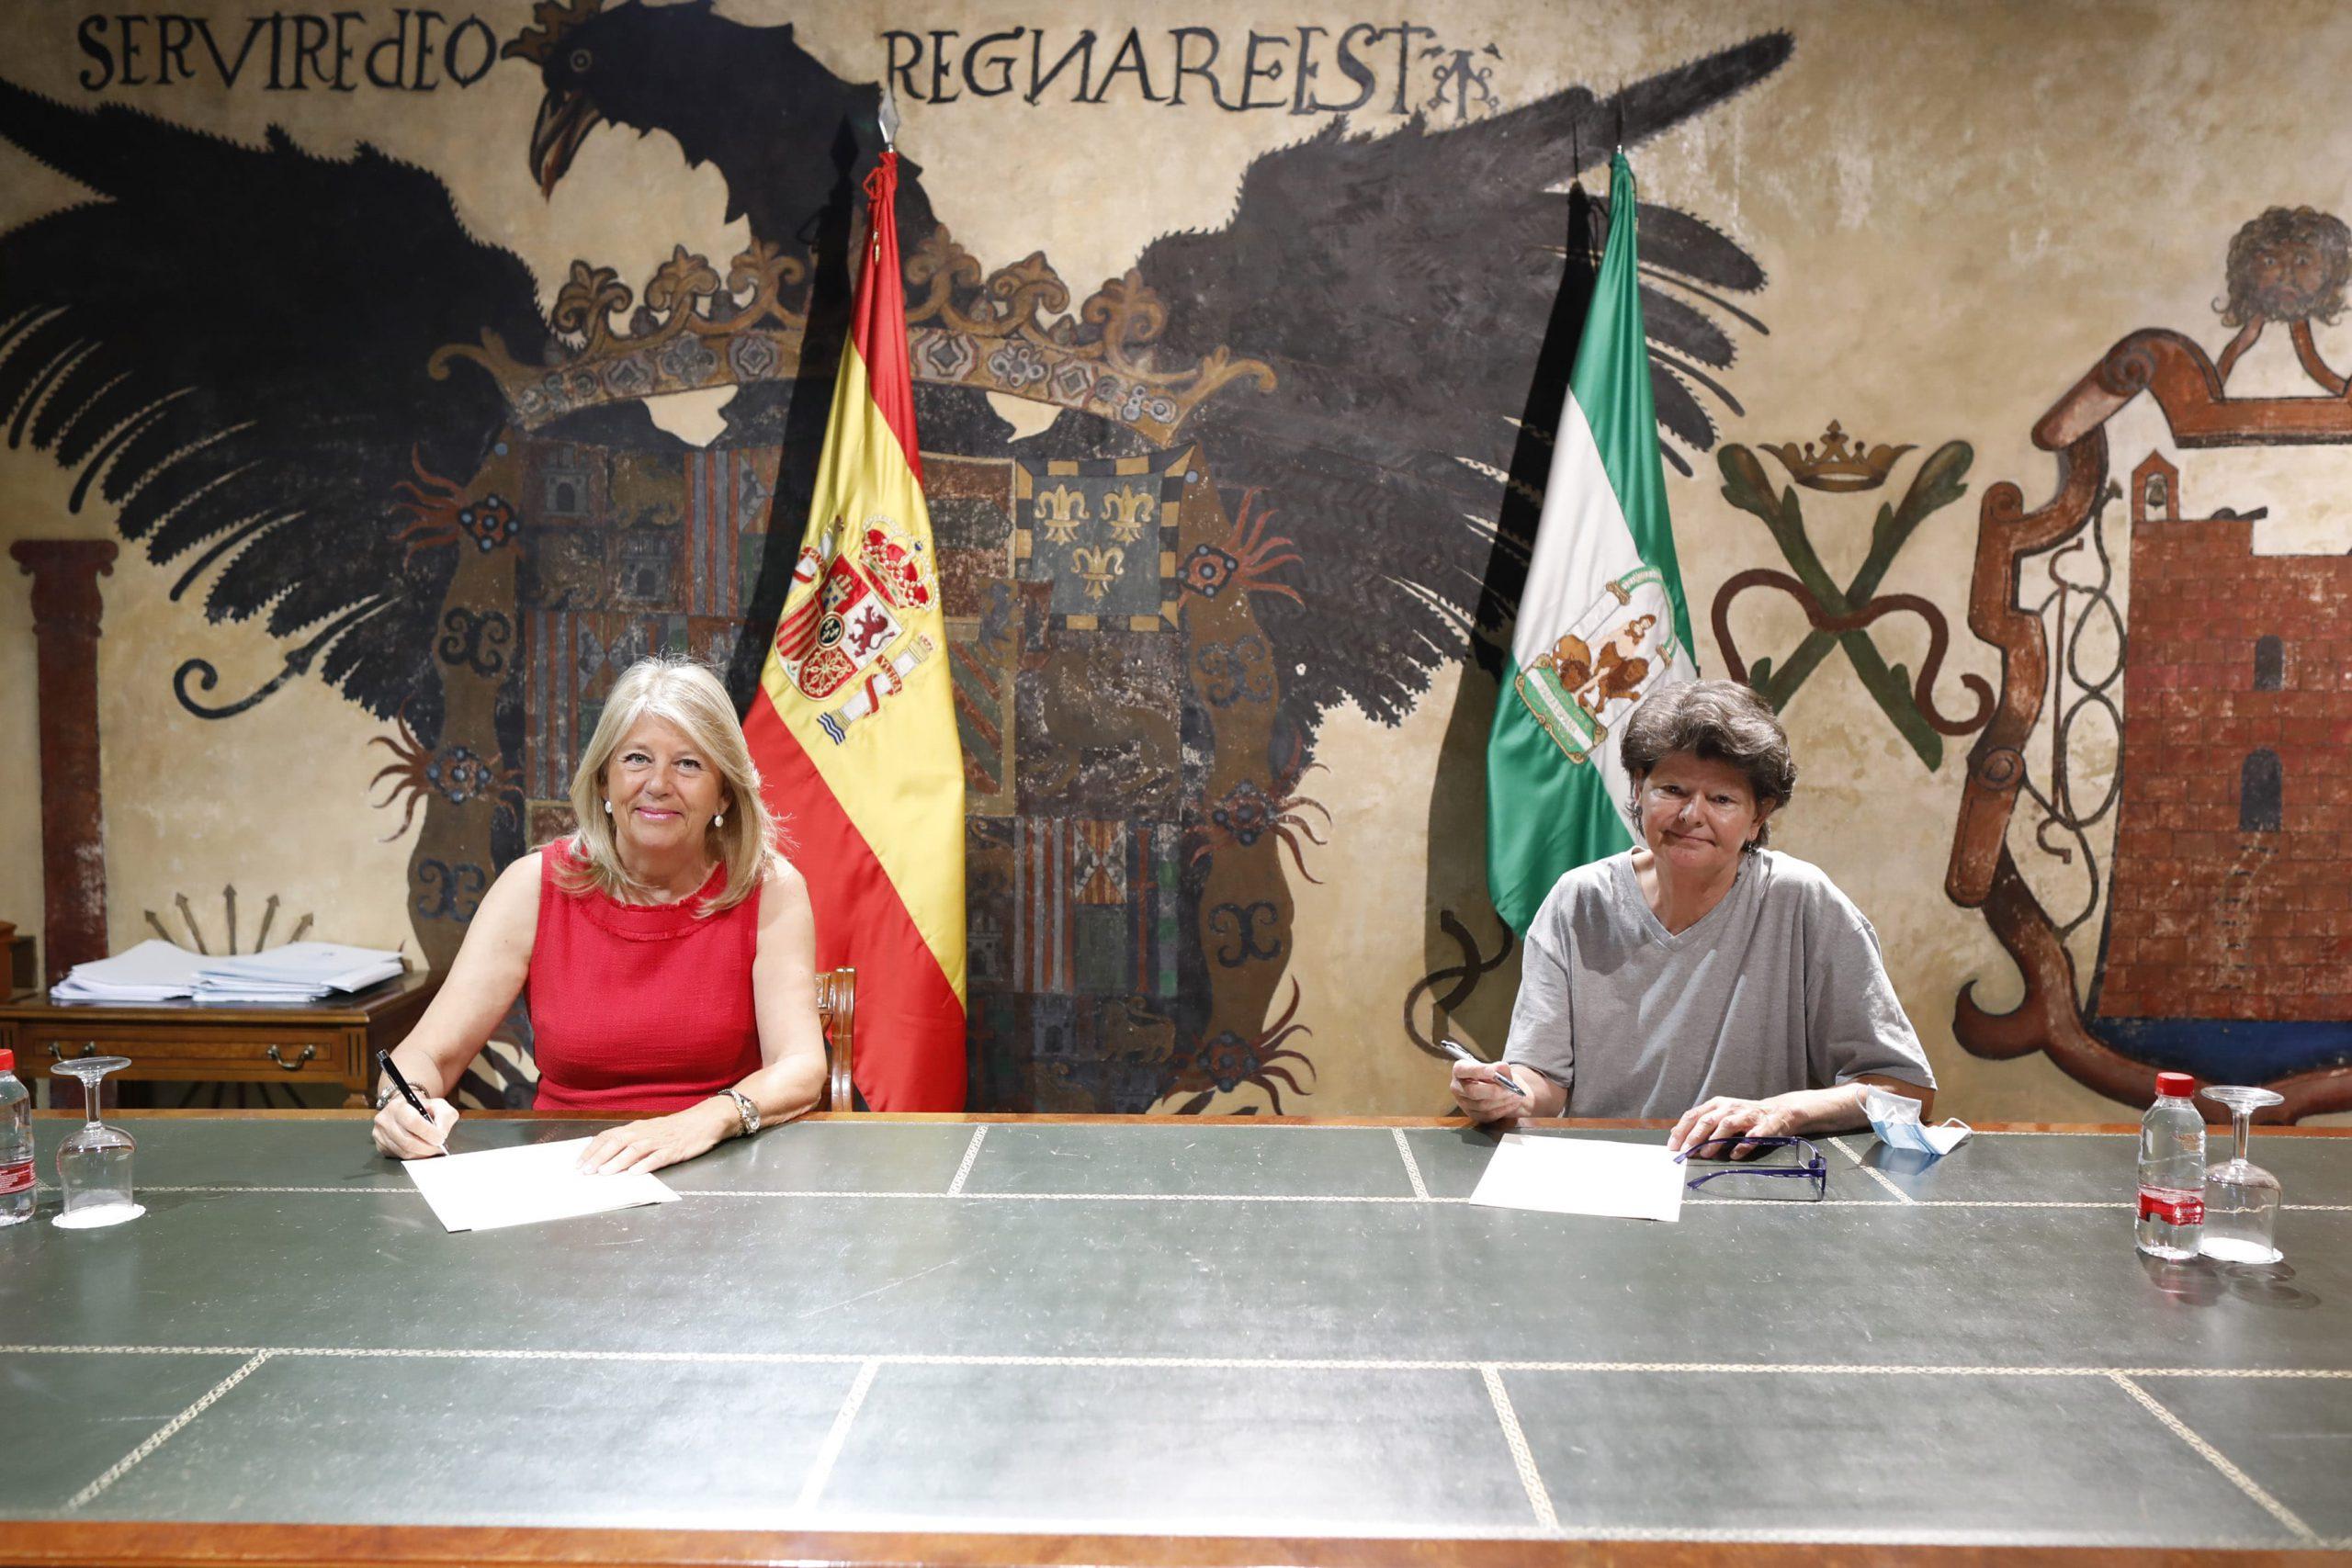 La Asociación Triple A de Marbella recibe una subvención anual de 80.000 euros